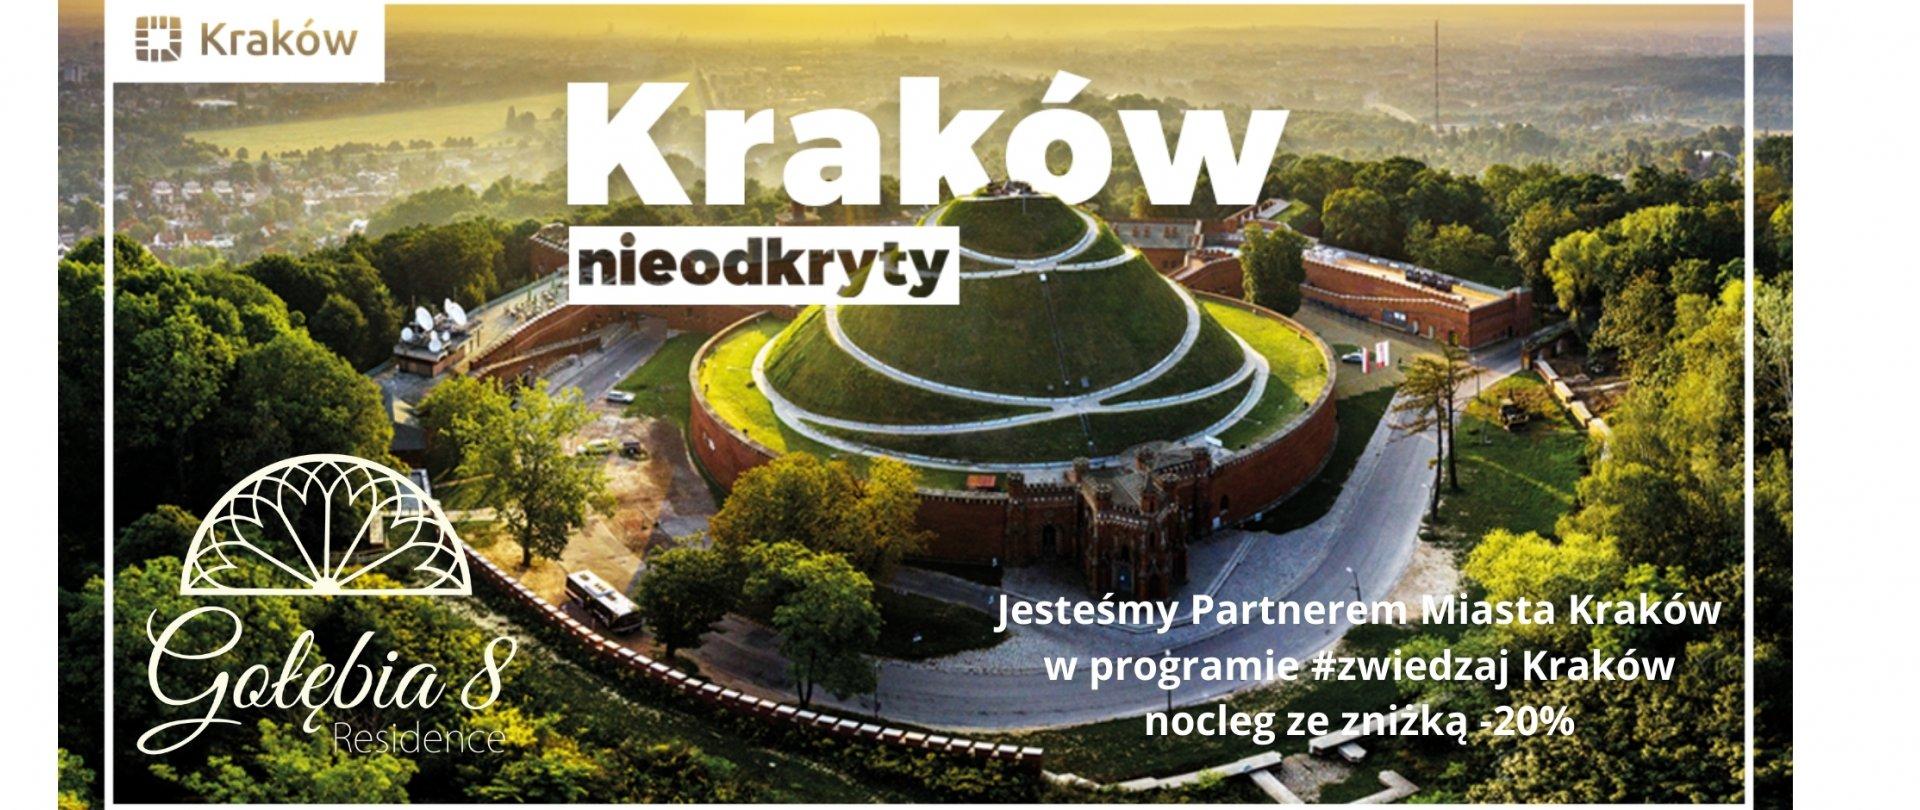 Kraków nieodkryty